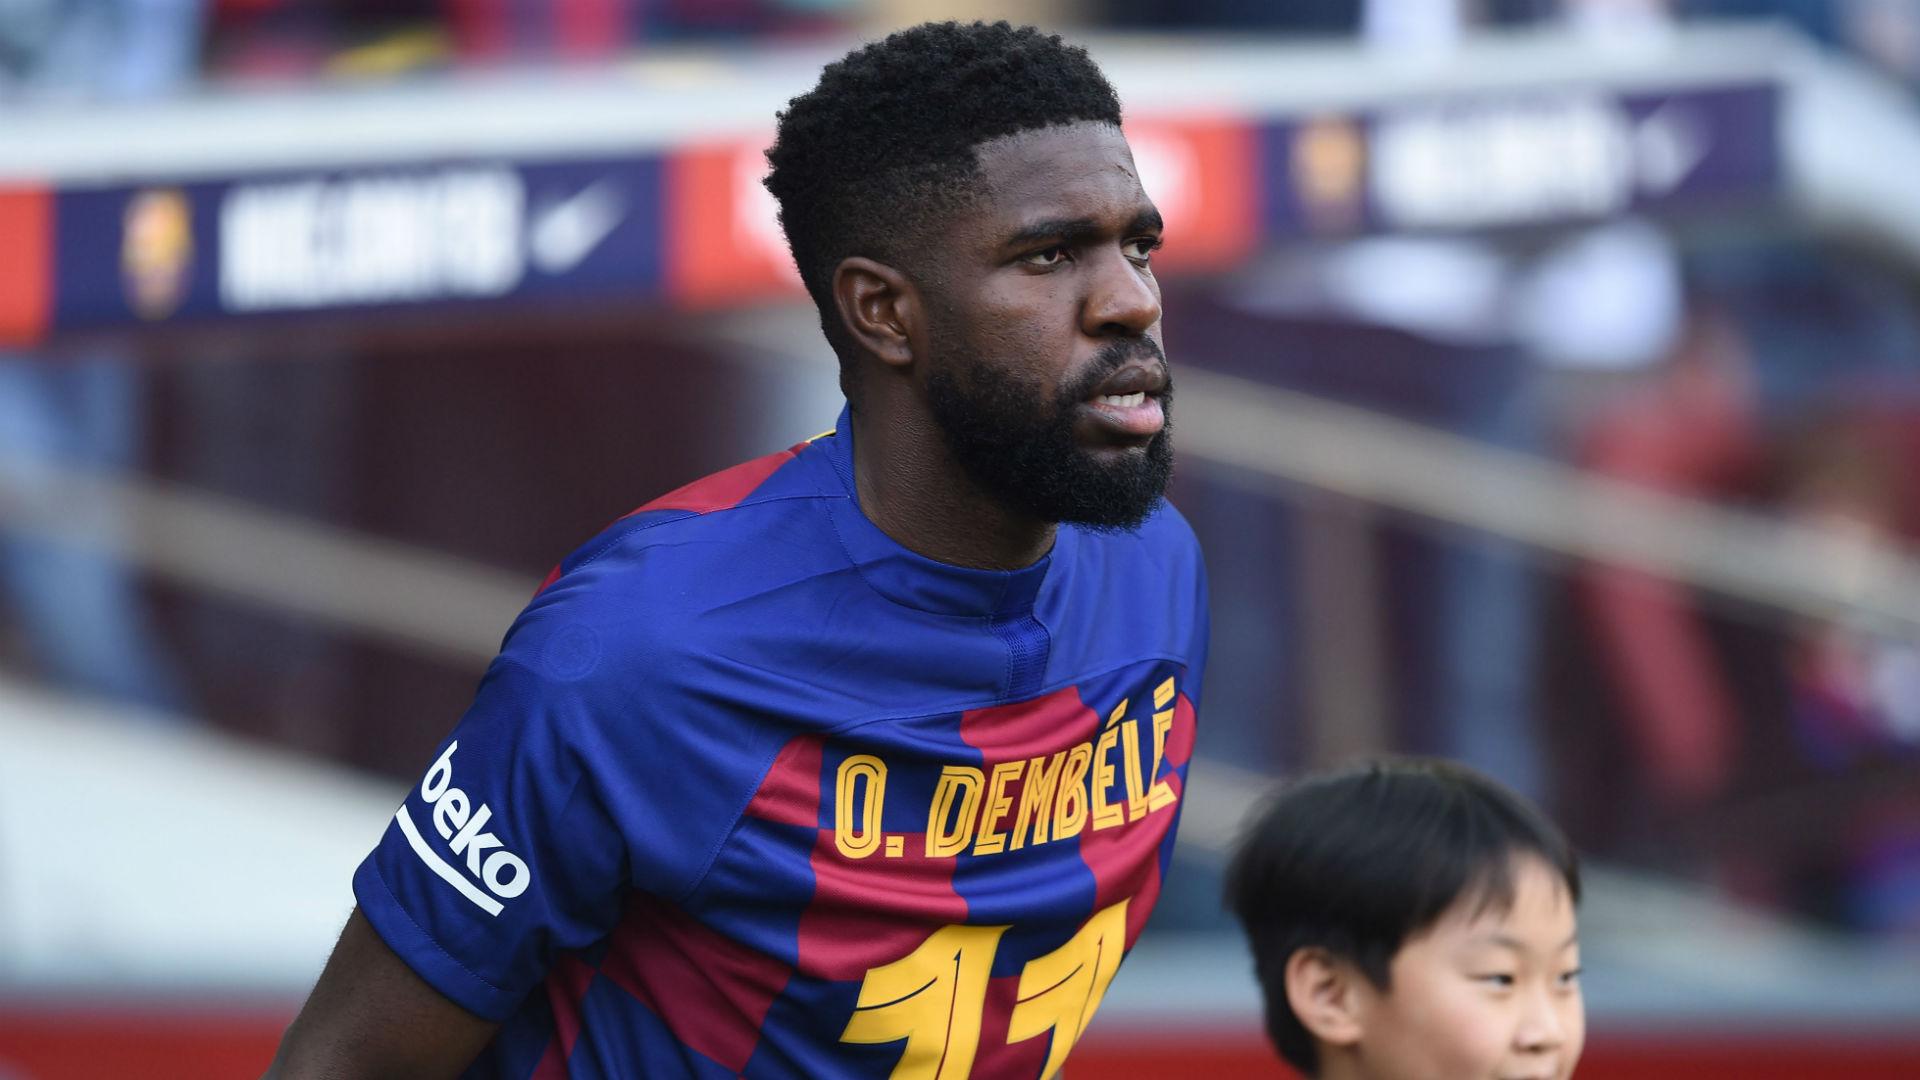 France : Dembélé, Pogba... les grands gagnants du report de l'Euro 2020